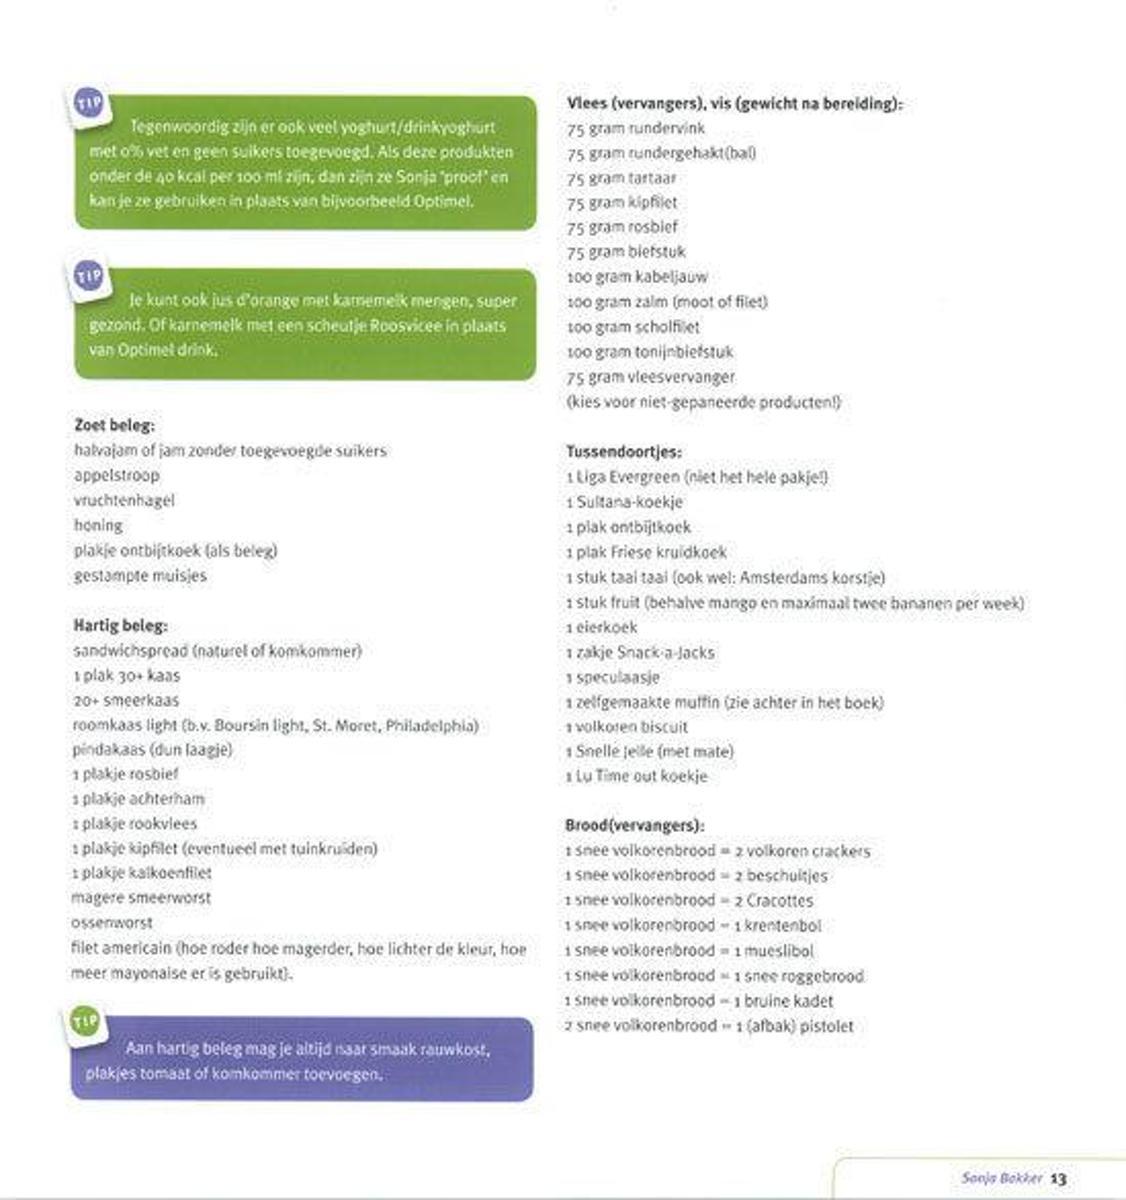 dc33b2cc014 bol.com | Bereik en behoud je ideale gewicht!, Sonja Bakker | 9789078211006  | Boeken